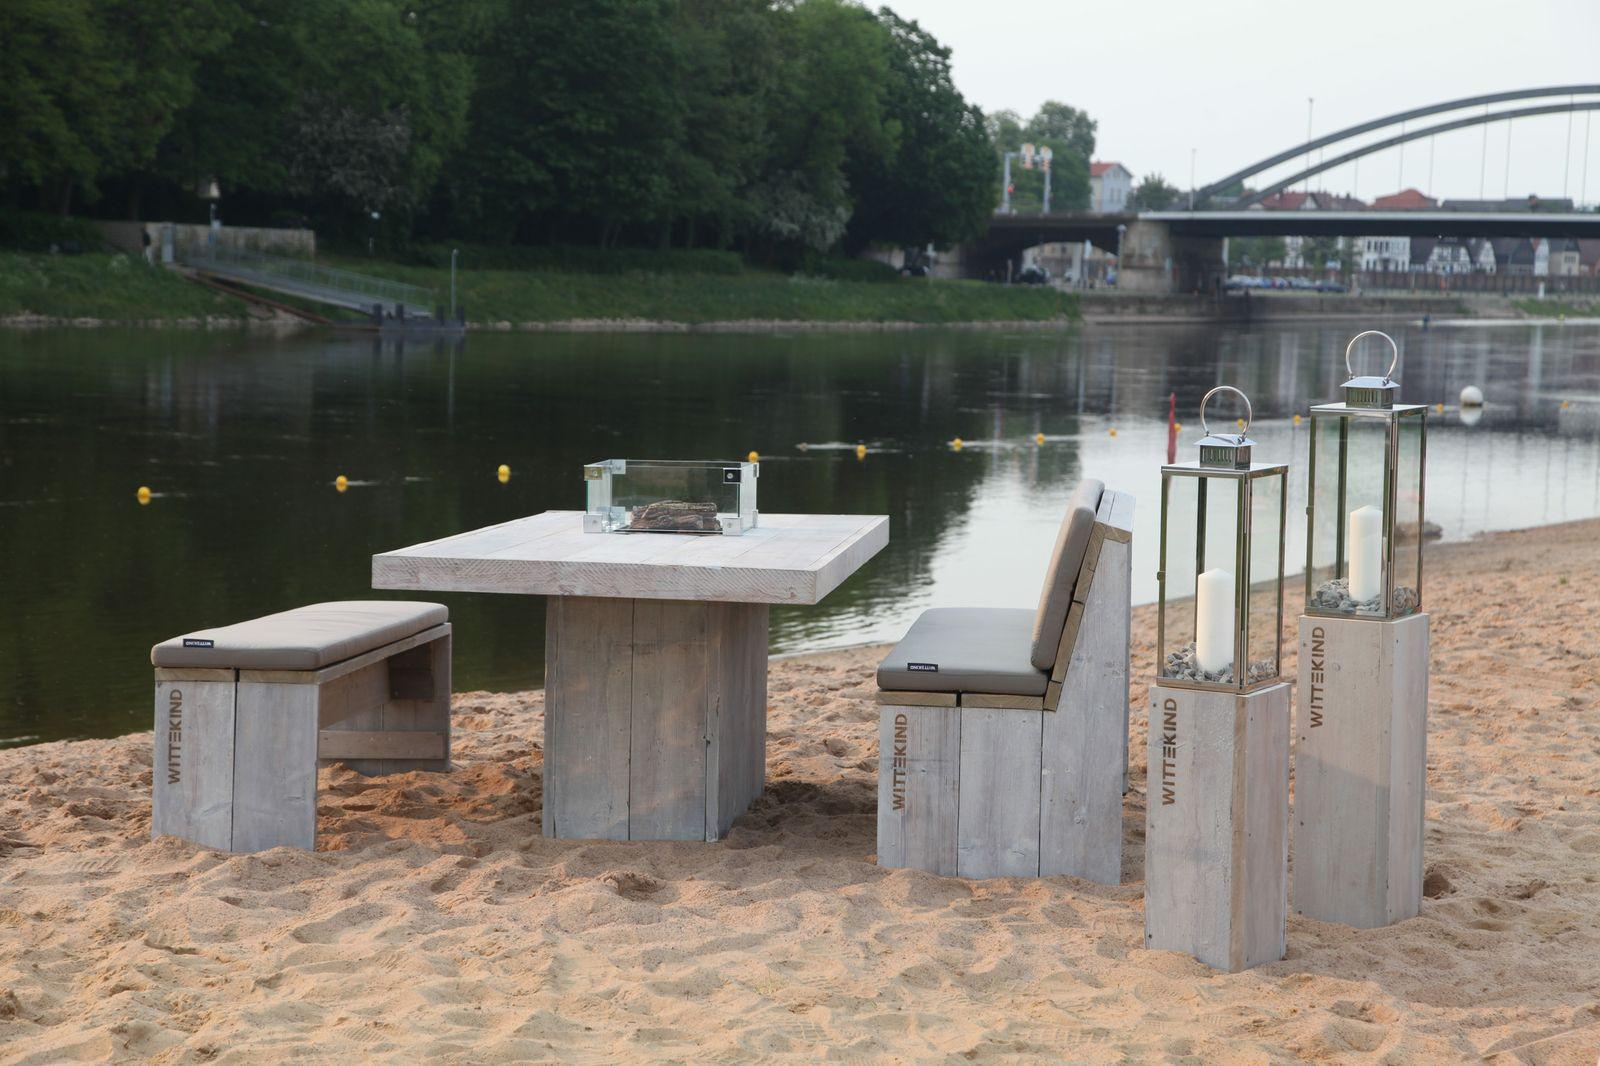 Gasbrenner Outdoor Küche : Gasbrenner outdoor küche trangia ul sturmkocher groß